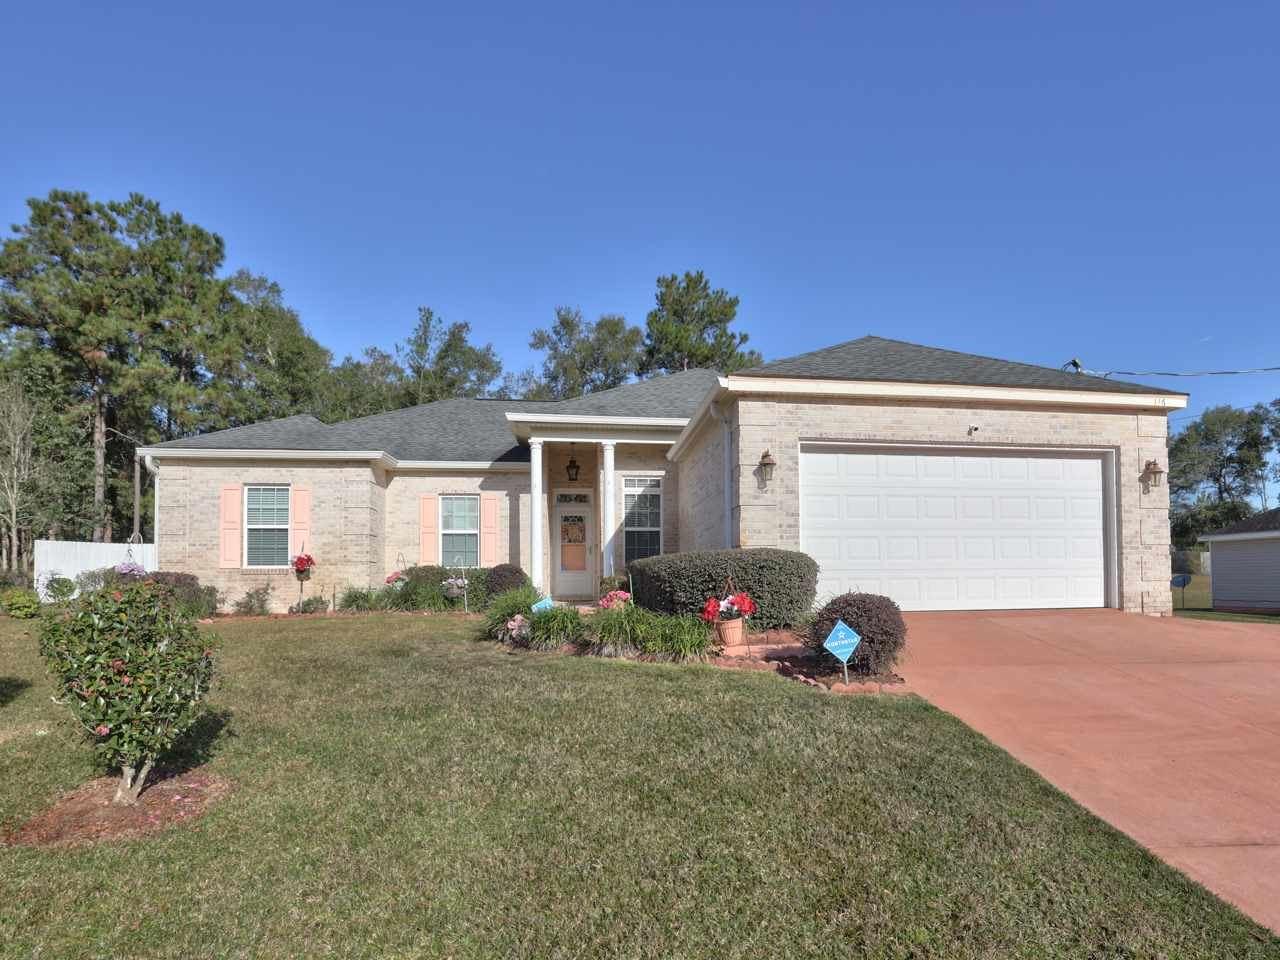 116 Mae Cato Drive, Midway, FL 32343 - MLS#: 326253